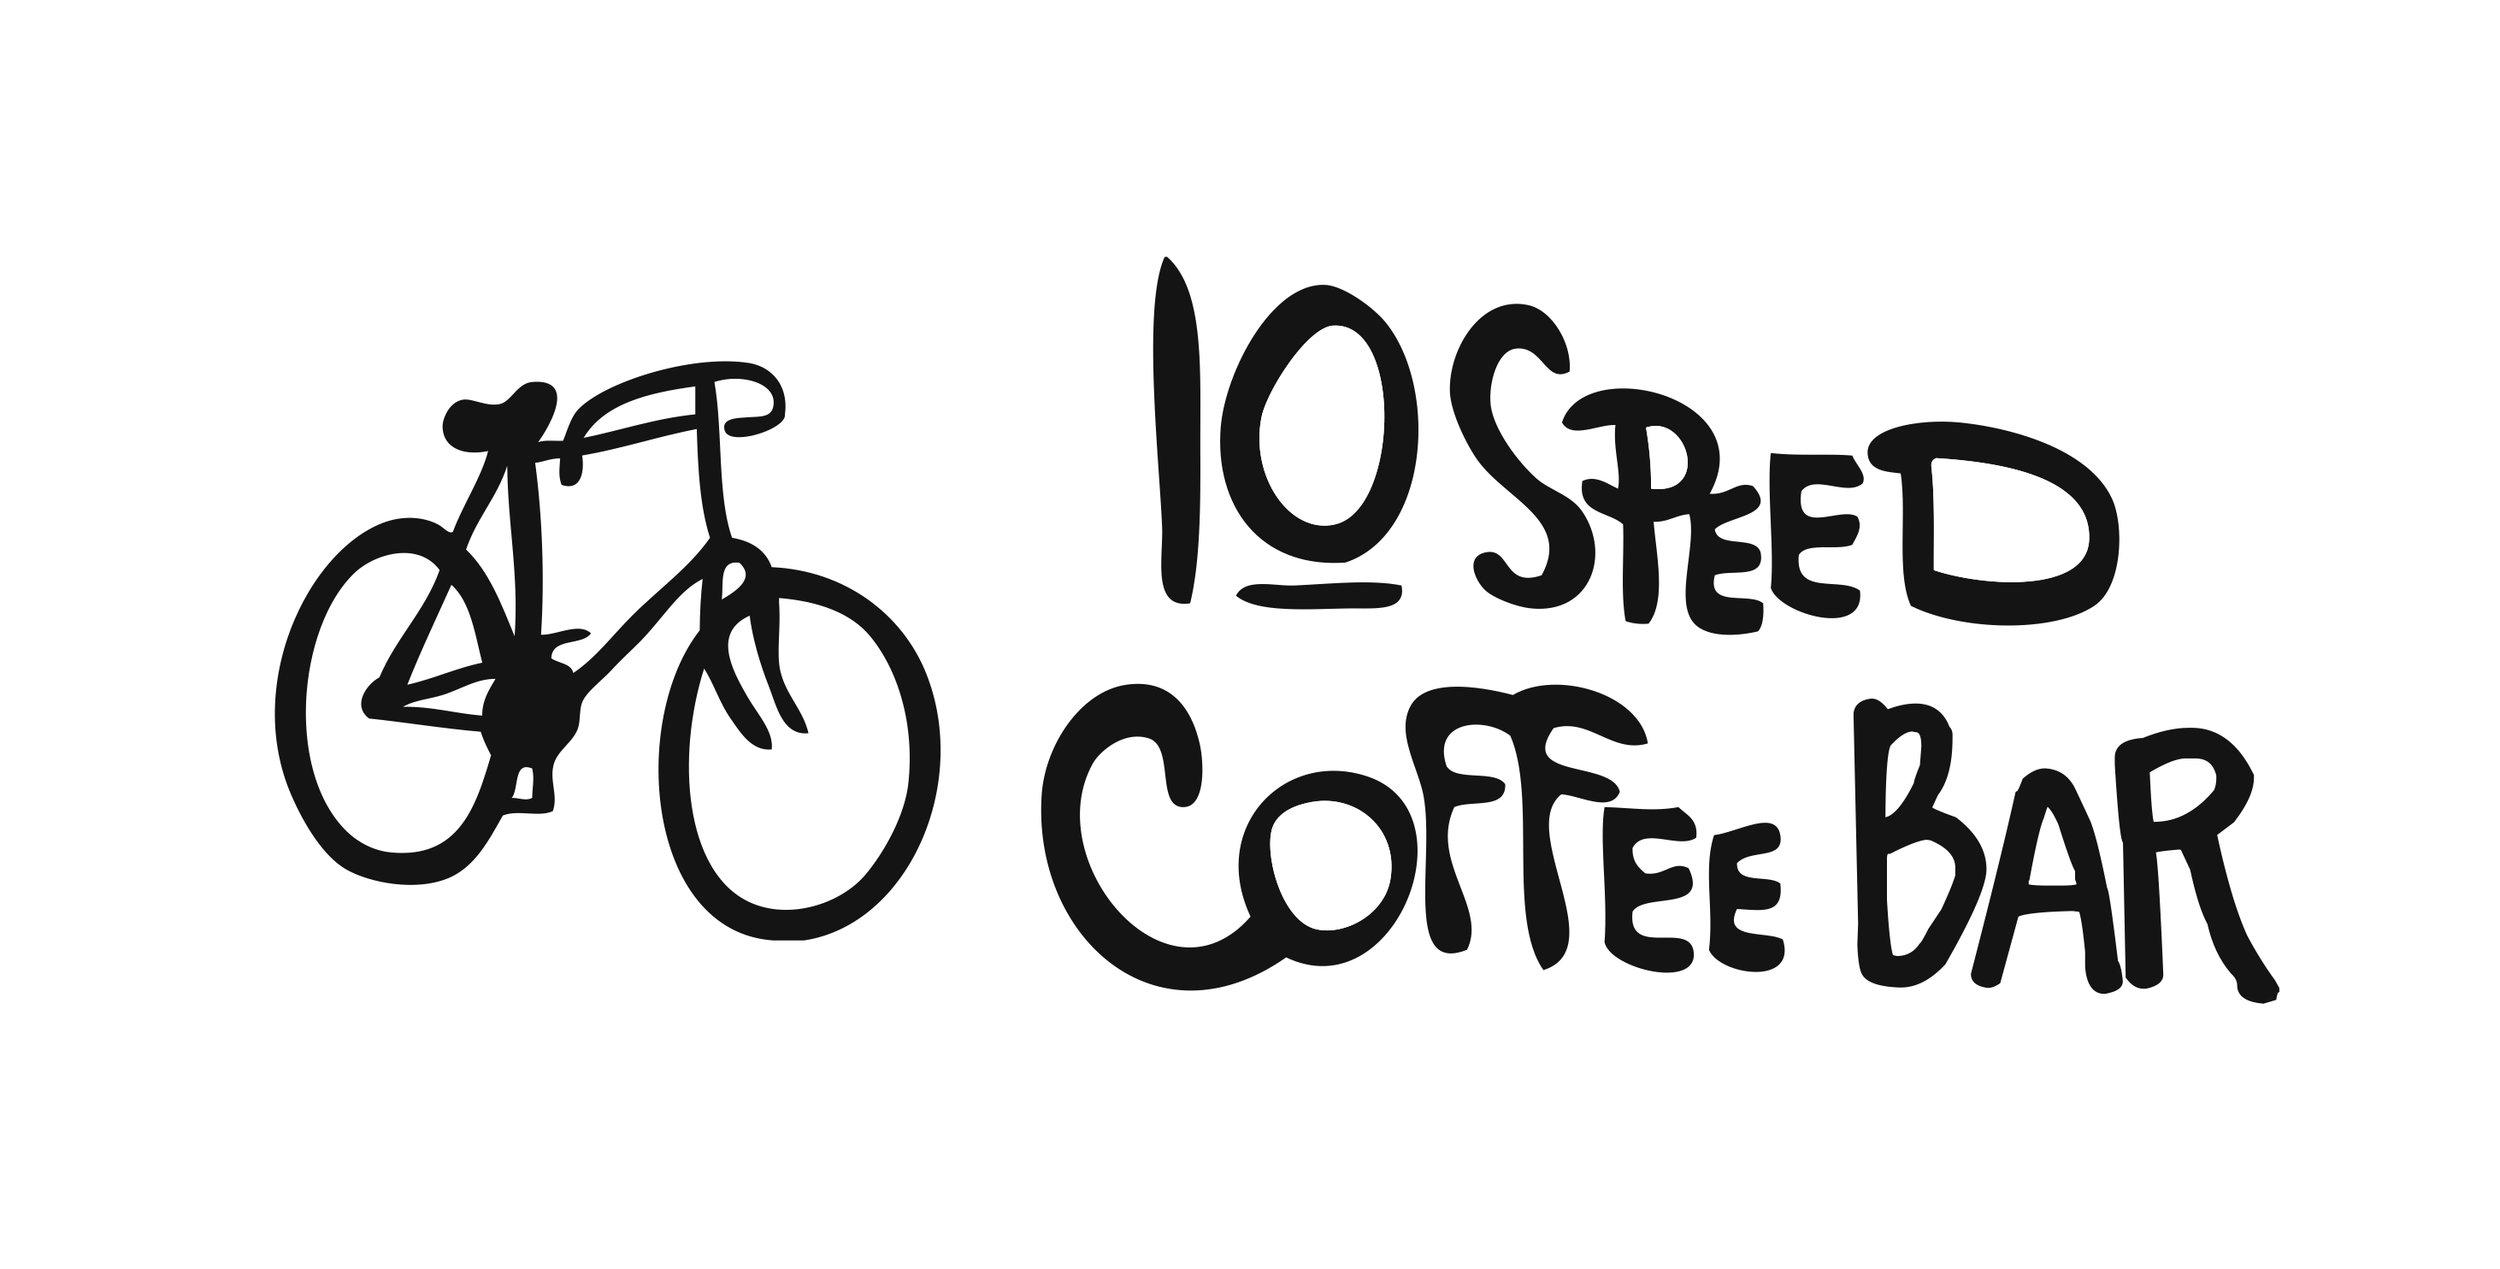 logocoffeebar.jpg